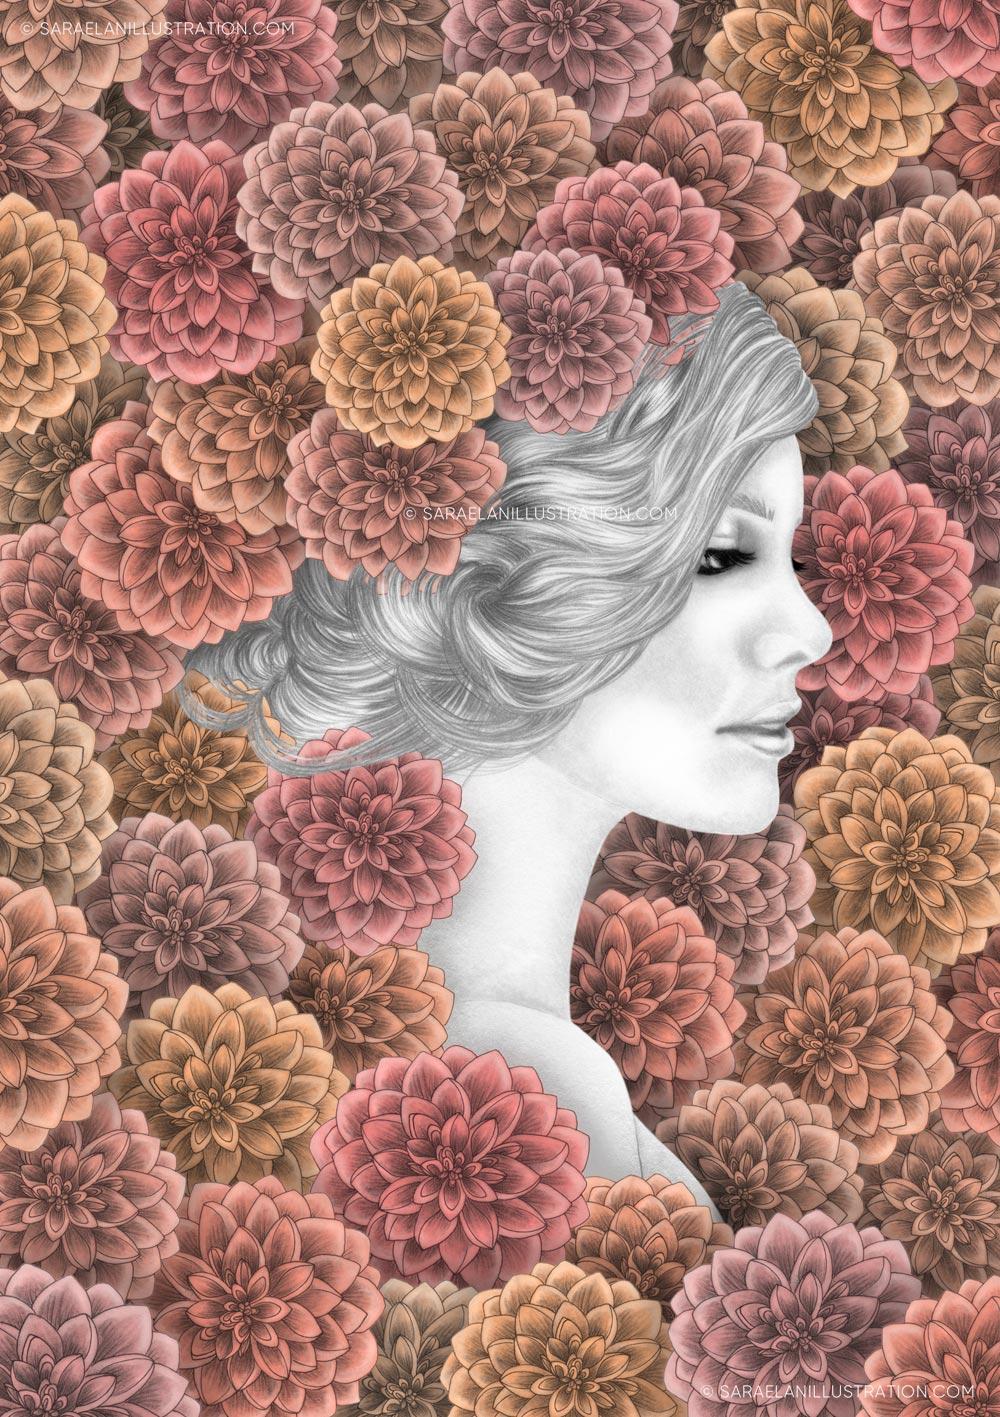 Illustrazioni-di-ragazze-con-fiori-ragazze-fiorite-dalie